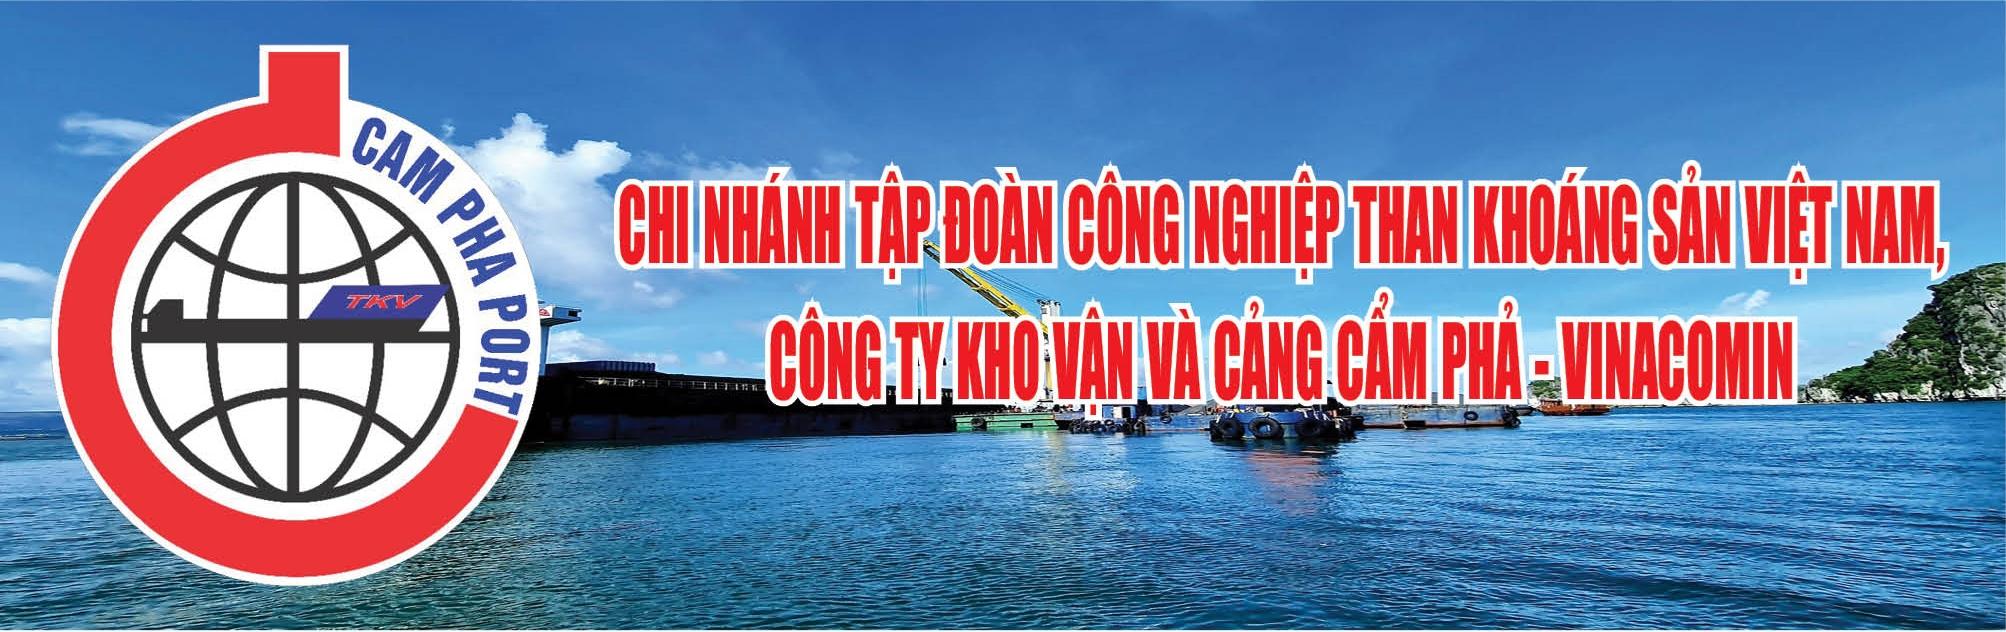 Chi nhánh tập đoàn Công nghiệp than khoáng sản Việt Nam, Công ty kho vận và cảng cẩm phả - Vinacomin